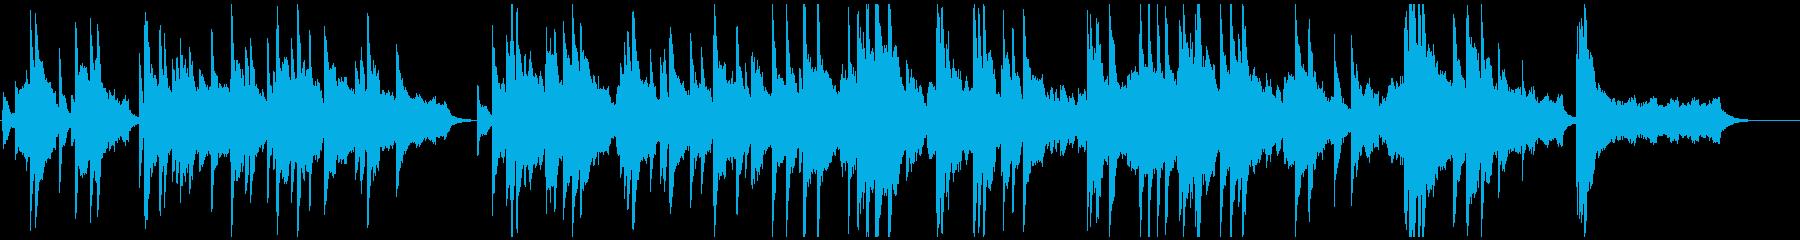 暗い曲調から明るく転調するピアノバラードの再生済みの波形